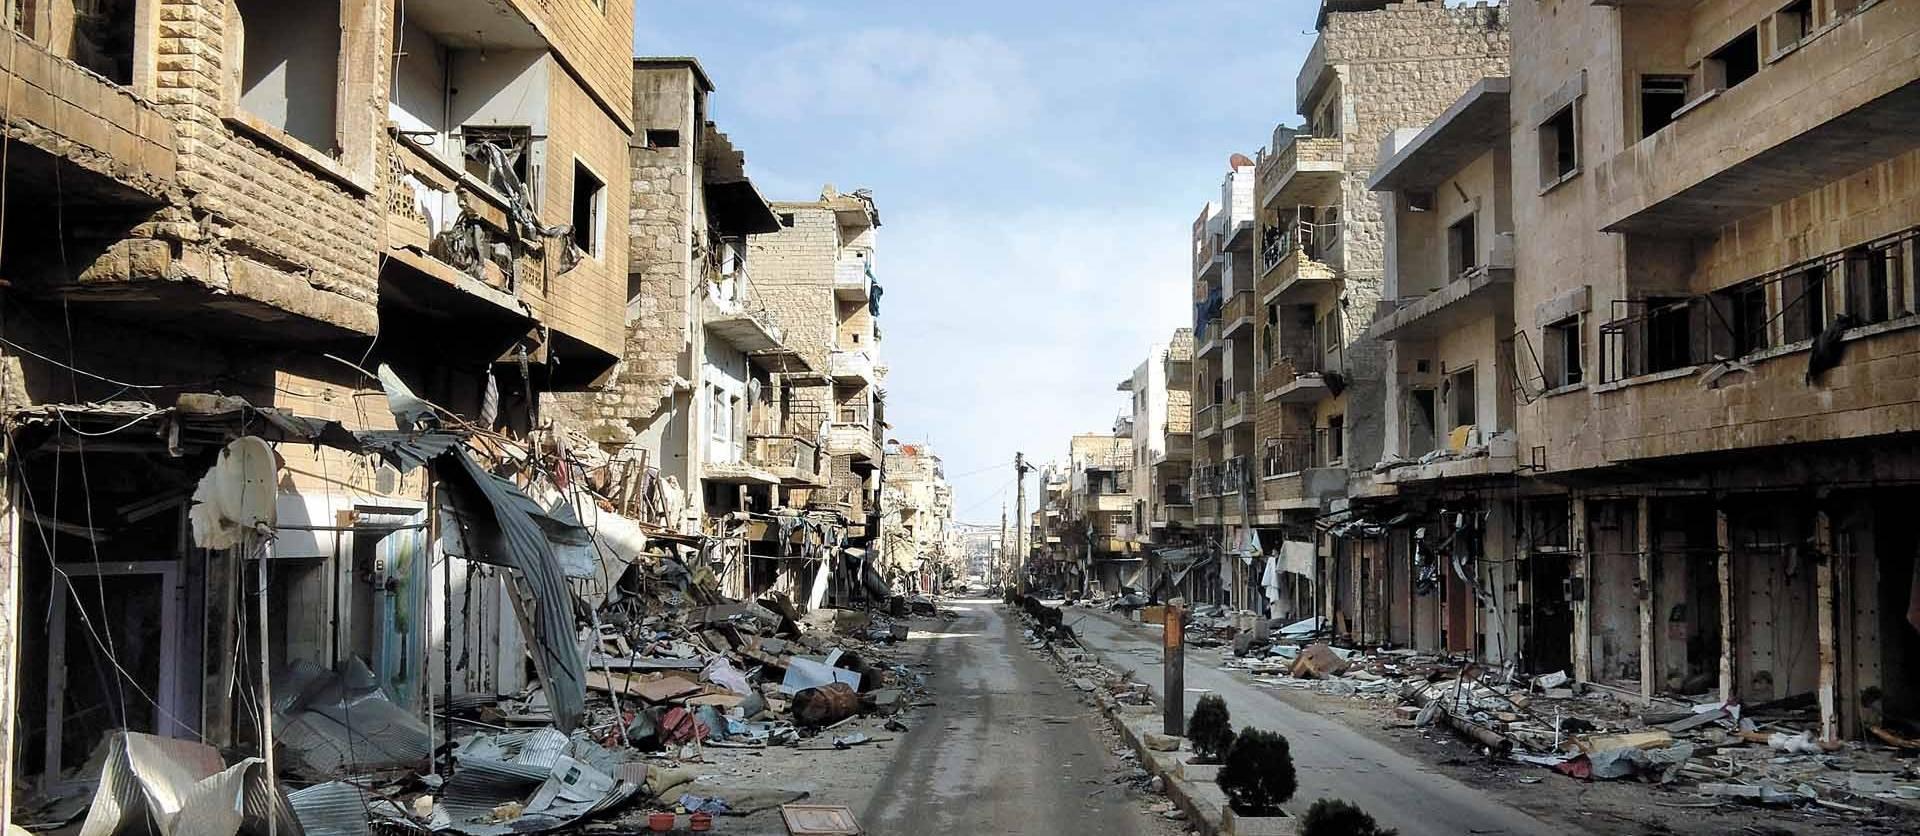 Fotos del tercer reportaje de un diario personal que se adentra en la provincia de Idlib, el último frente